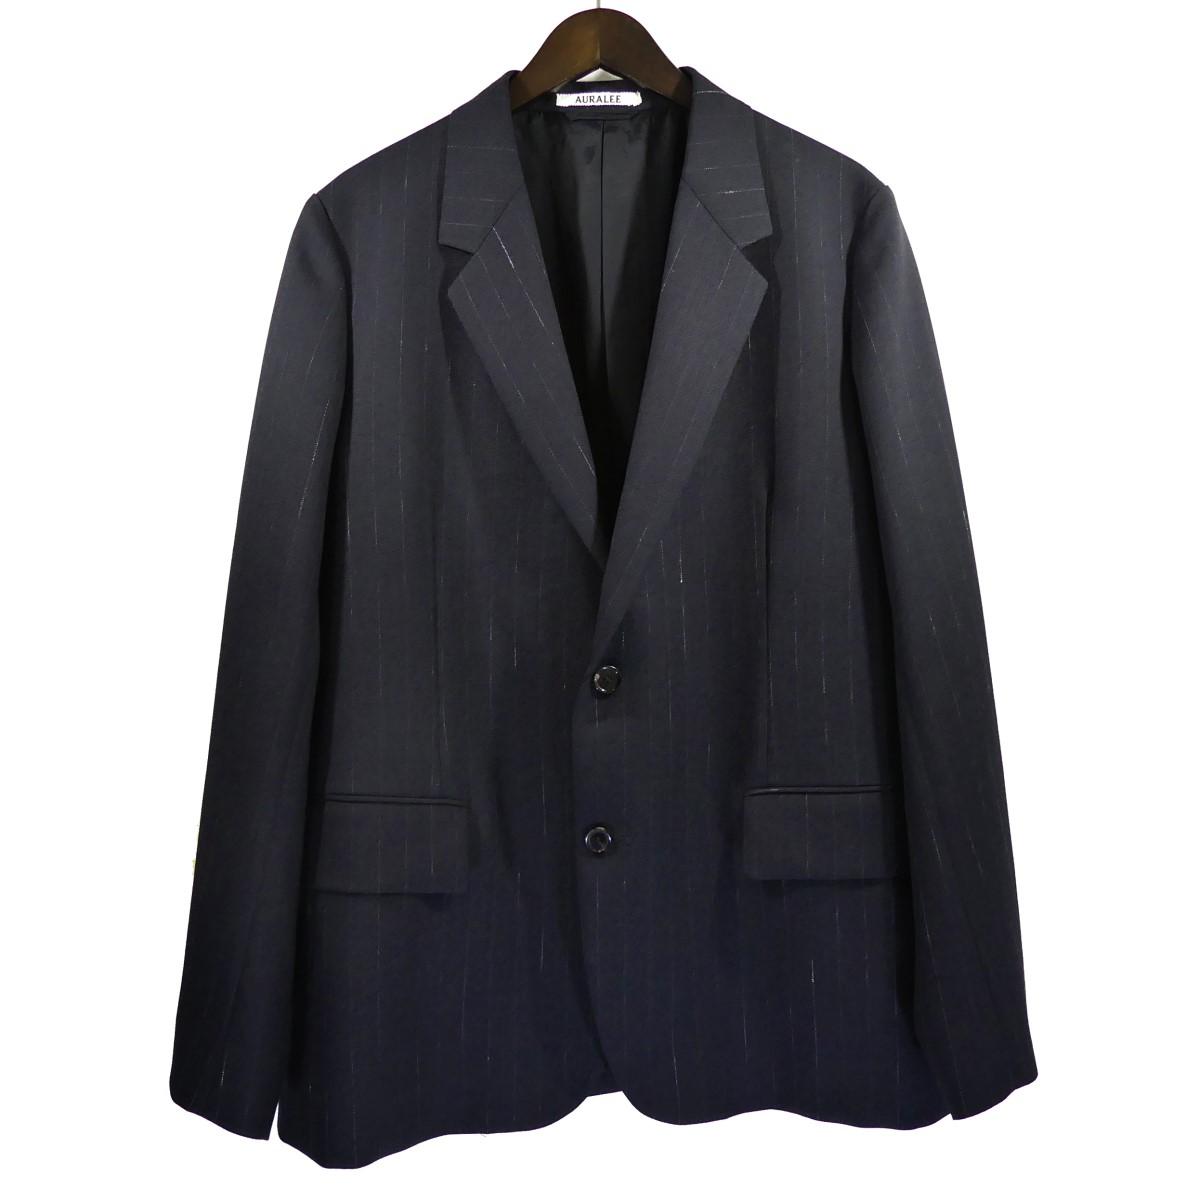 【中古】AURALEE20SS WOOL CUPRA LINEN CLOTH JACKET ウールキュプラリネンジャケット ネイビー サイズ:4 【5月11日見直し】